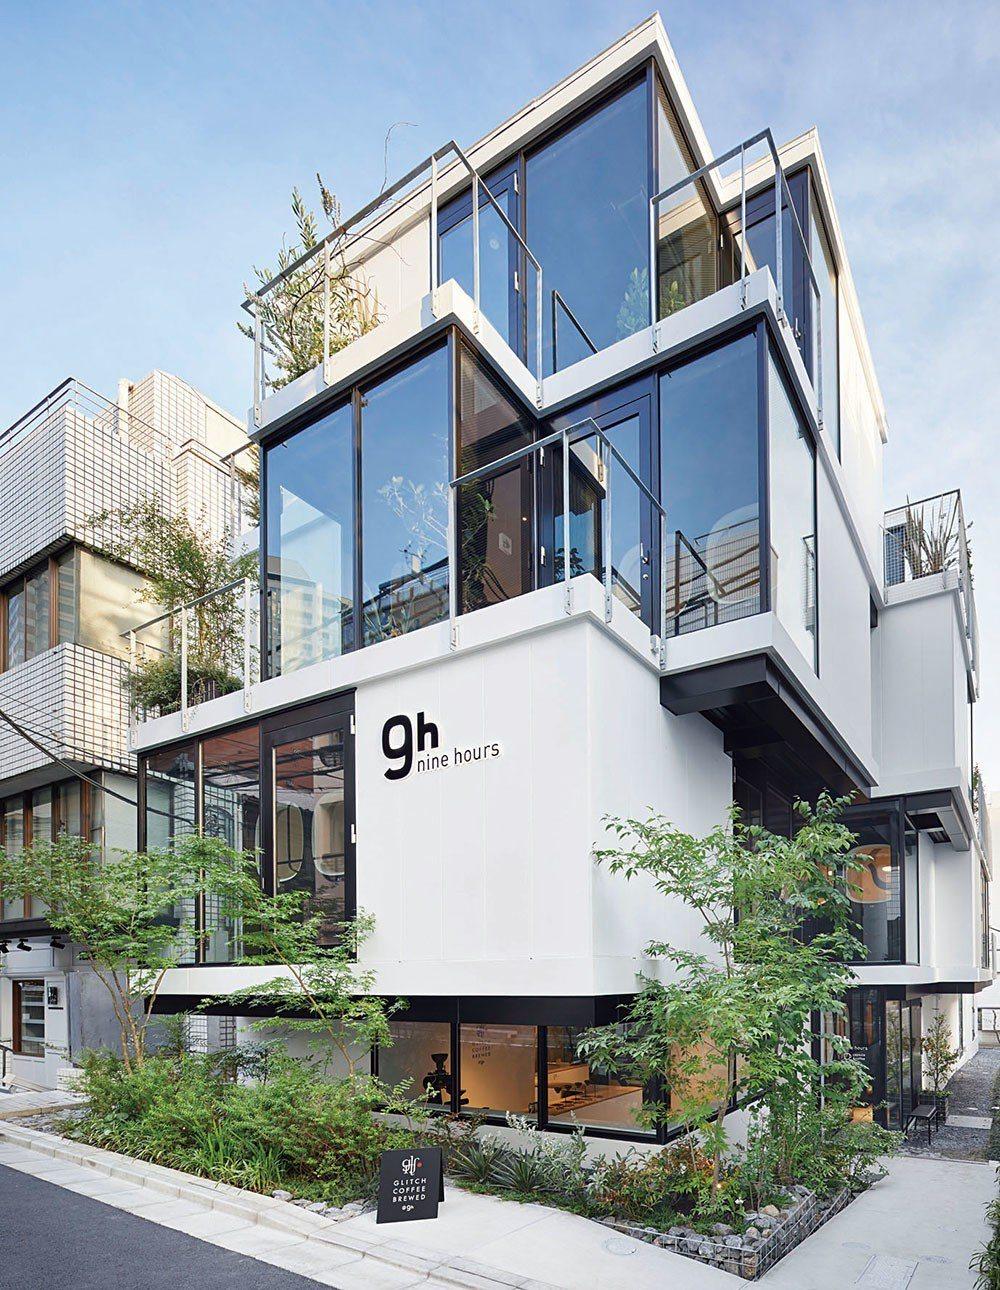 位於東京赤坂地區的nine hours膠囊旅館設計,利用玻璃材質打造部分建築立面...